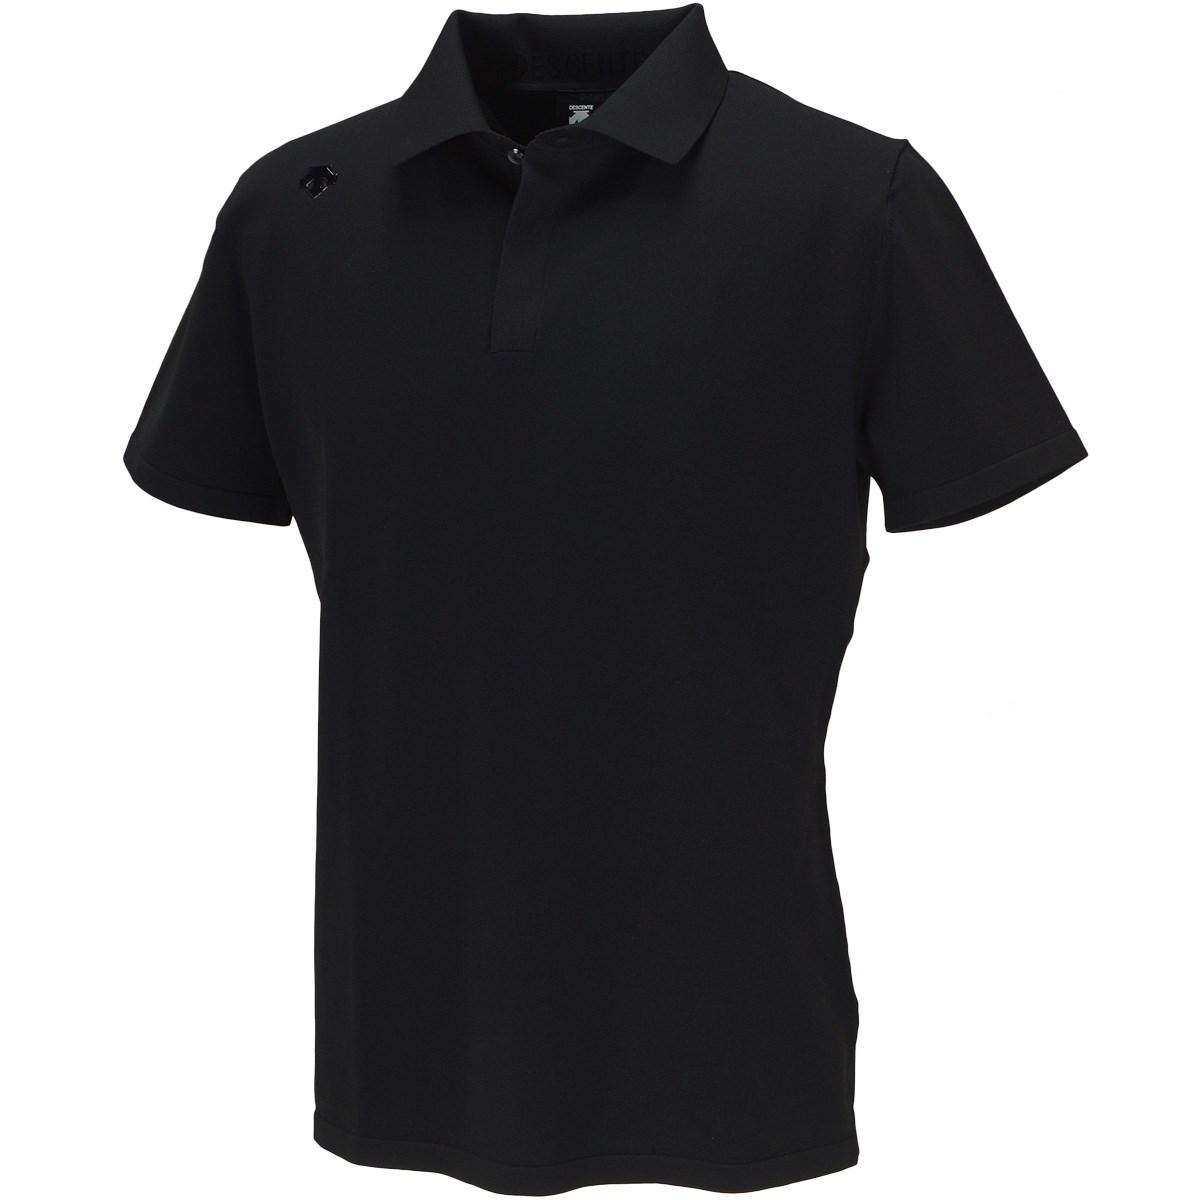 デサントゴルフ(DESCENTE GOLF) リサイクルニット ECO半袖ポロシャツ